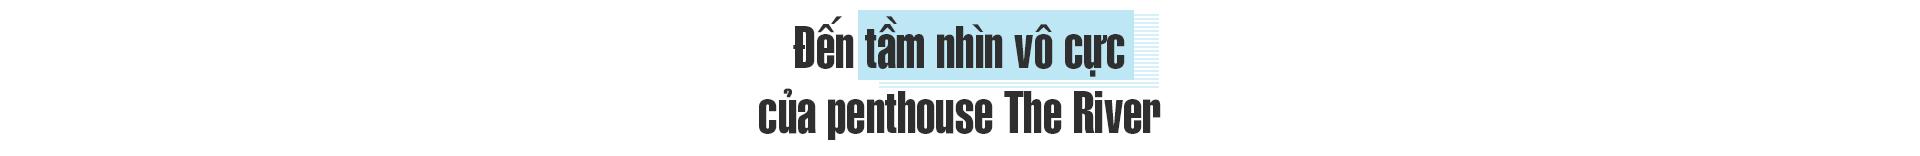 Trải nghiệm khác biệt tại penthouse ven sông Sài Gòn 4